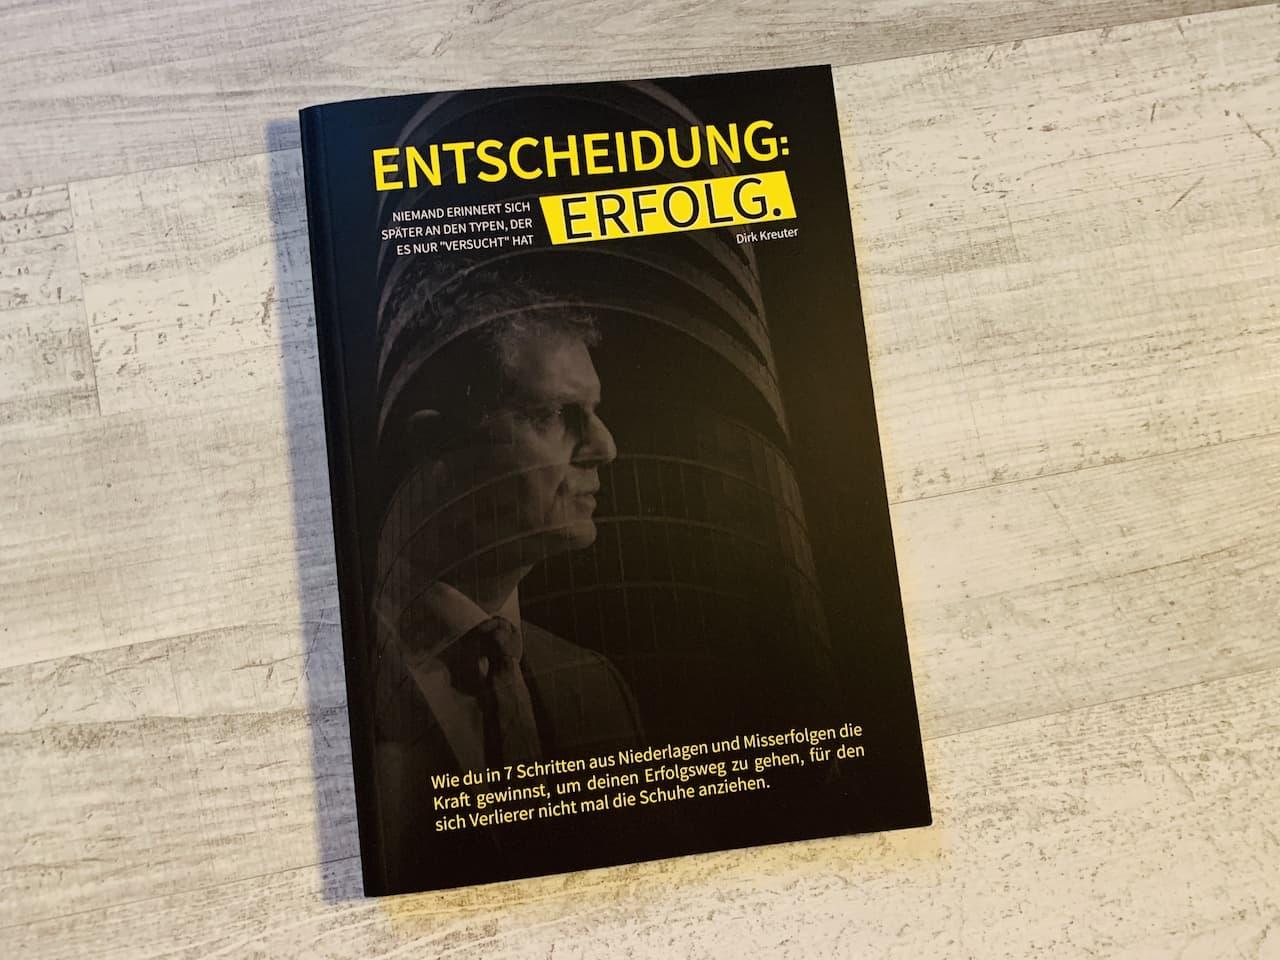 Entscheidung Erfolg Dirk Kreuter Front Cover